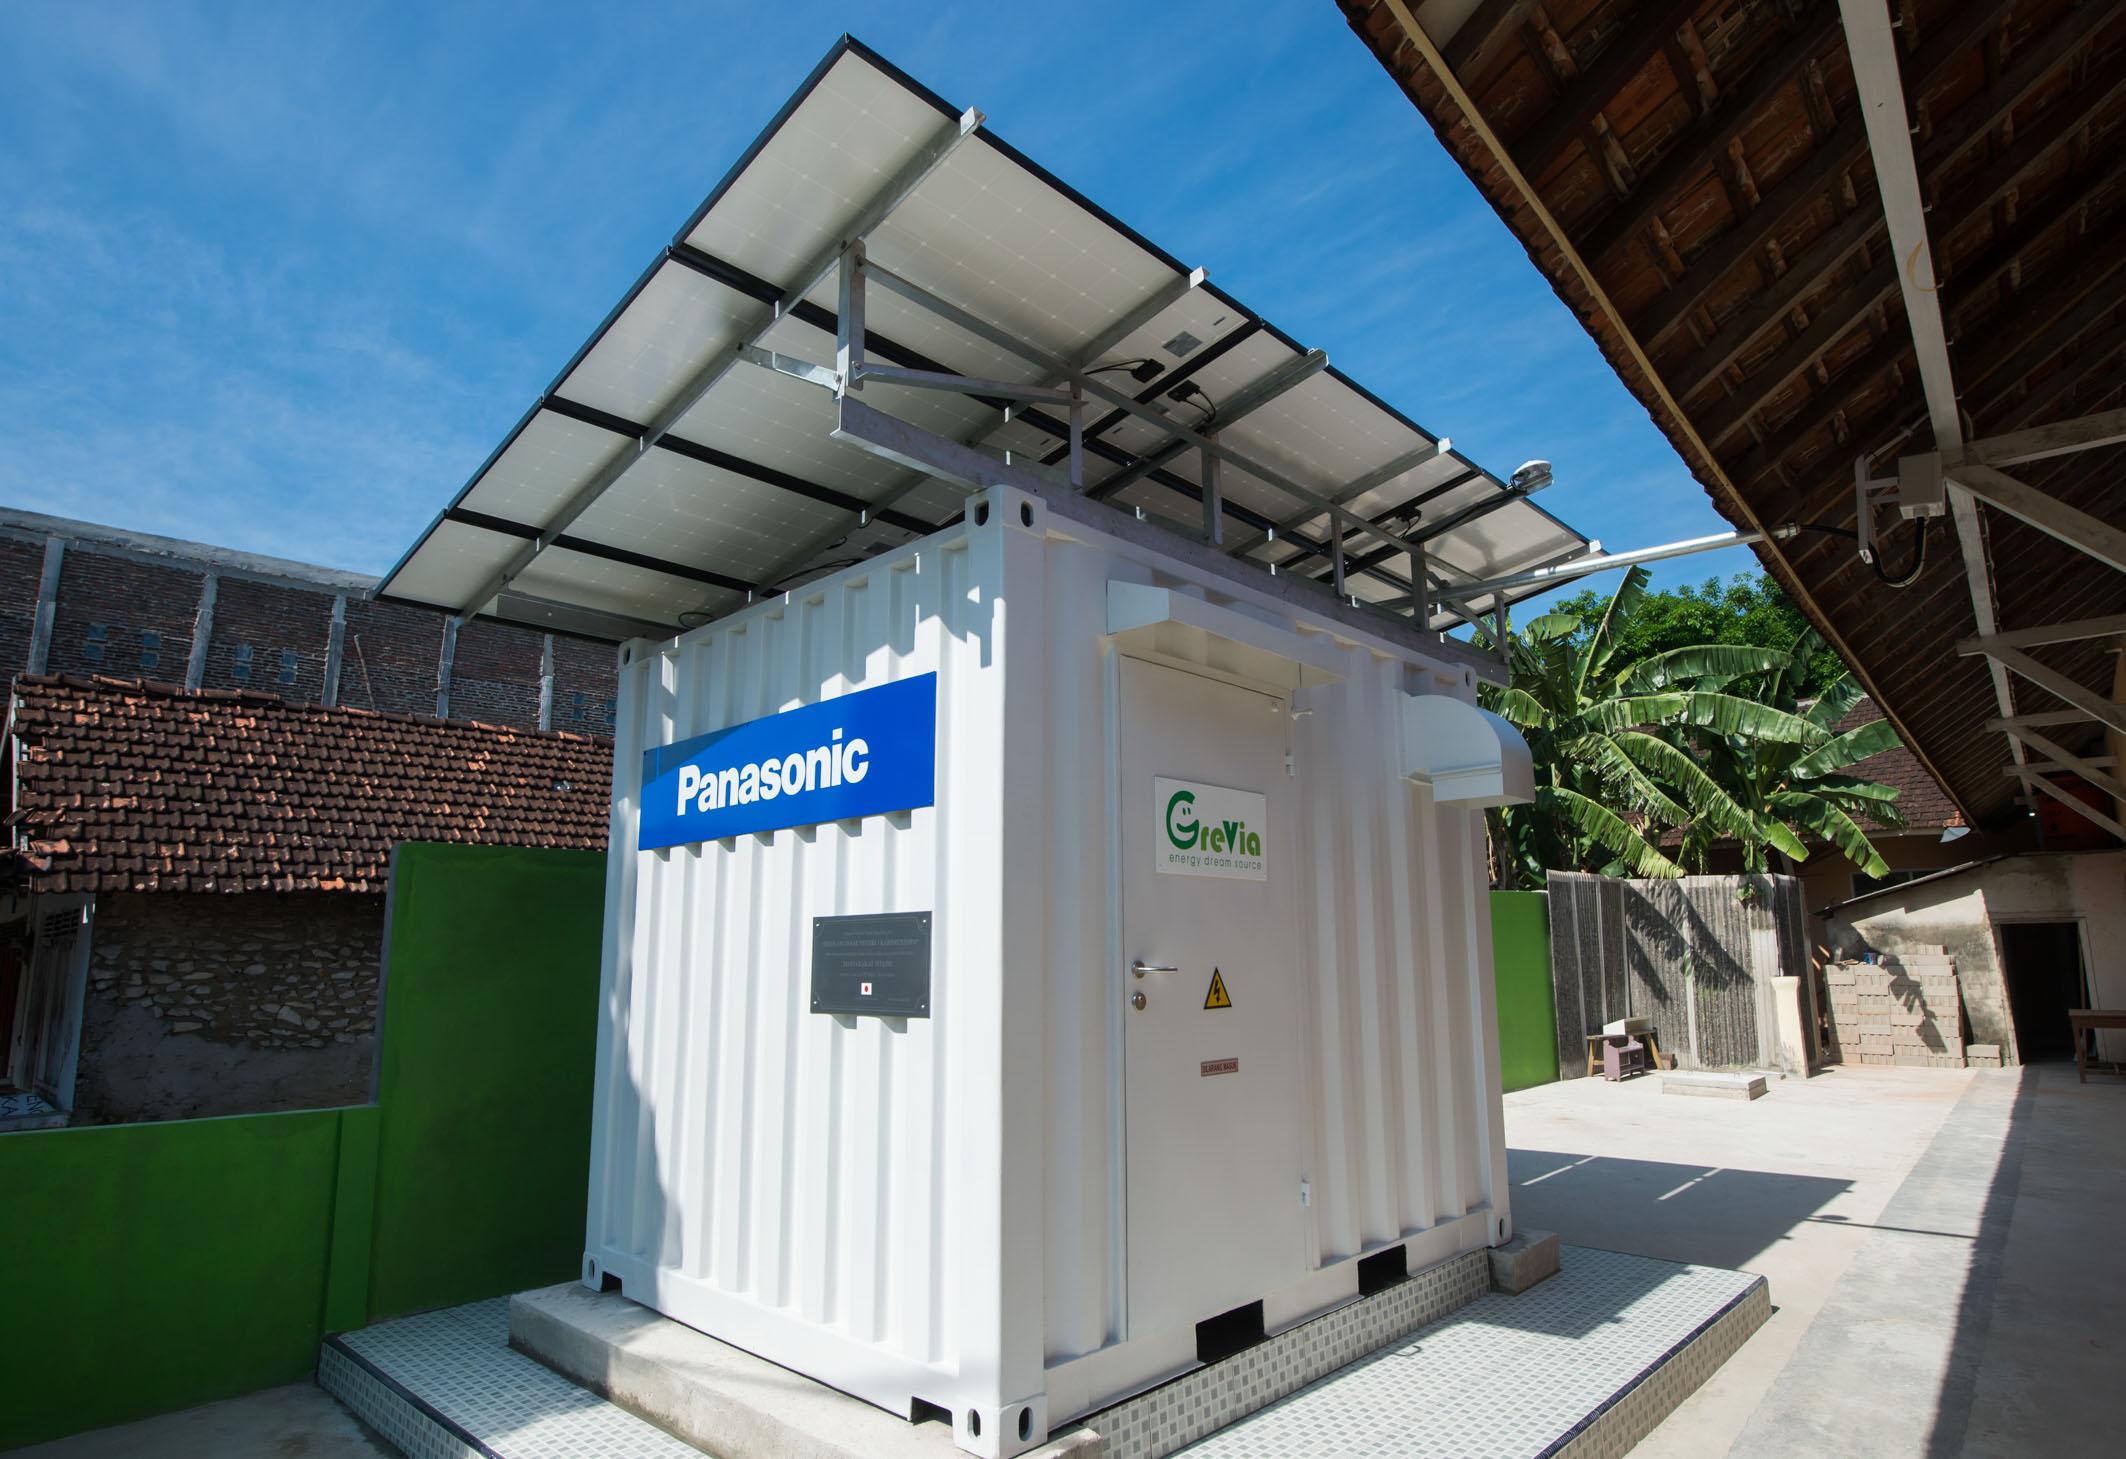 独立電源パッケージ「パワーサプライコンテナ」で、離島の子どもたちの学びを支援